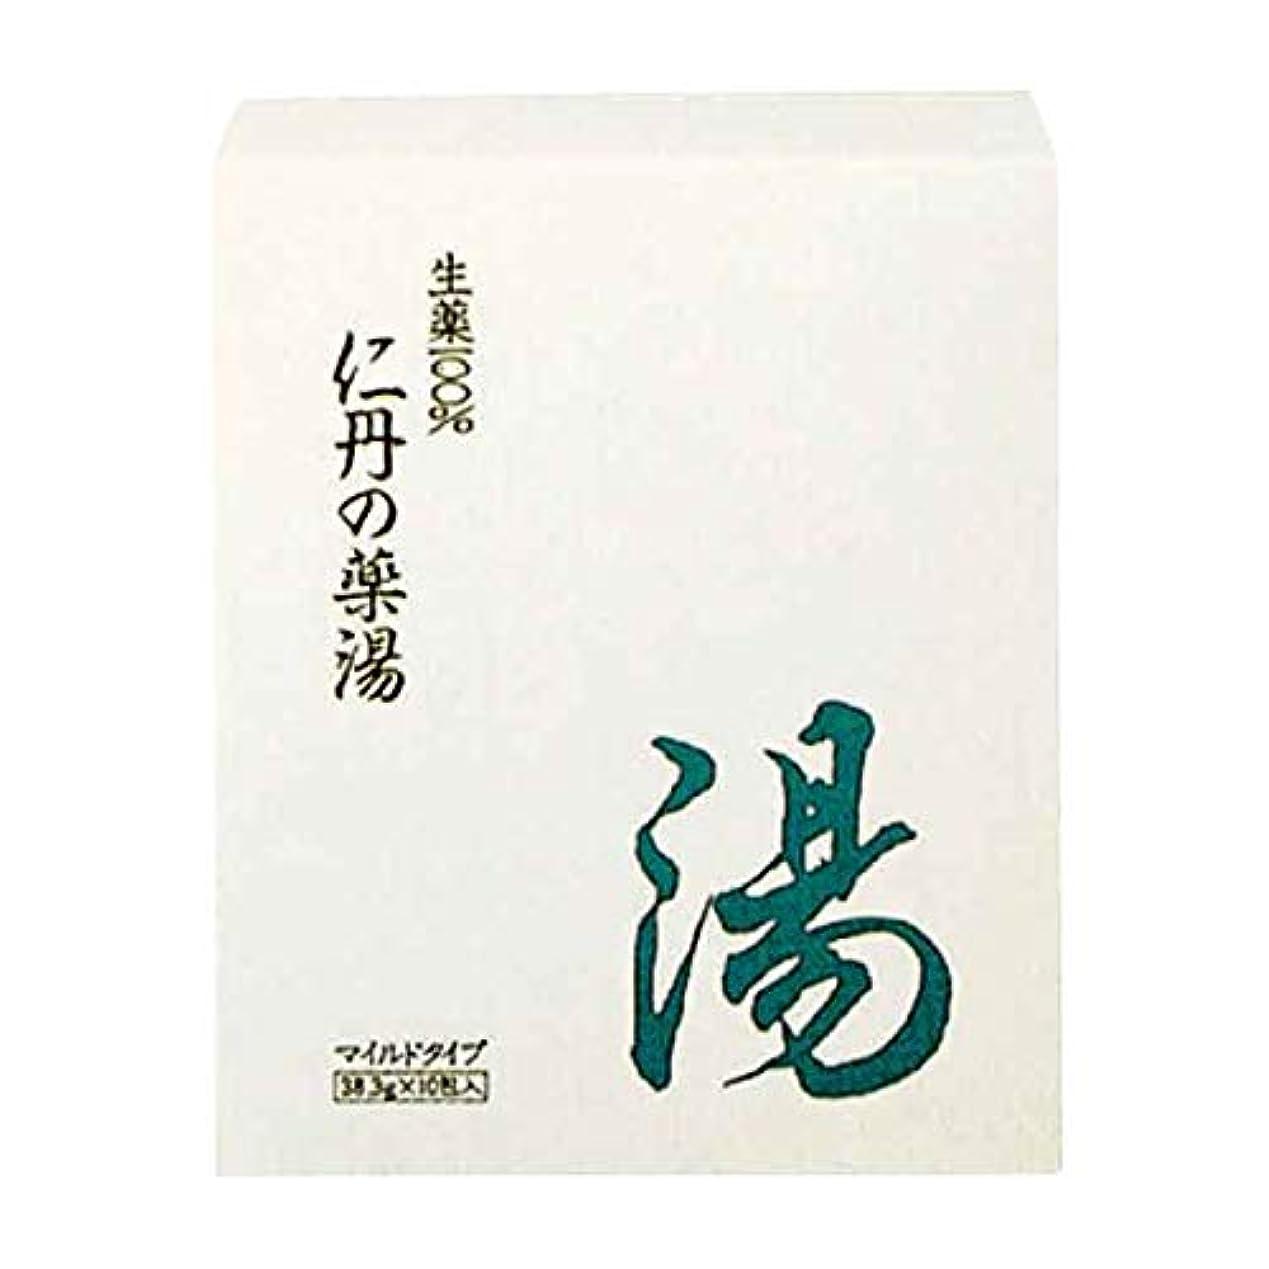 チューリップ機構気味の悪い森下仁丹 仁丹の薬湯(マイルド) 10包 [医薬部外品]